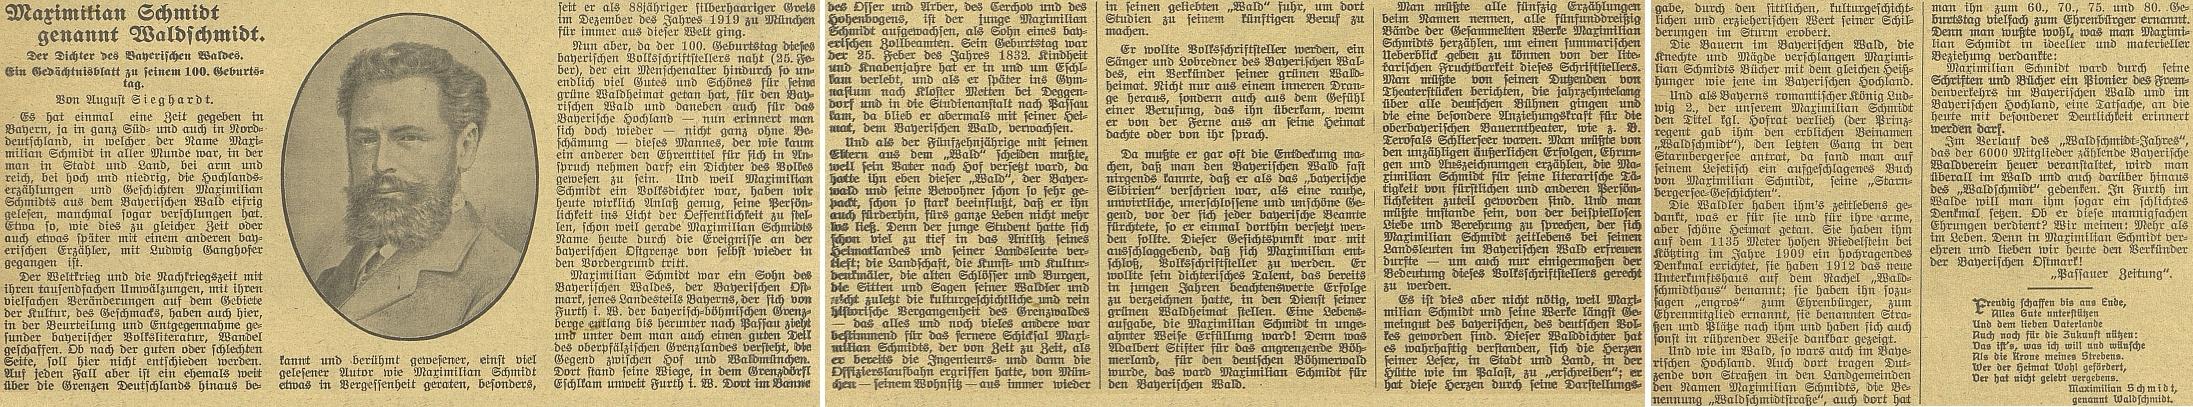 """Ke 100. výročí jeho narození přetiskl českobudějovický německý list tento článek z """"Passauer Zeitung"""", který označuje rok 1932 za """"Waldschmidt-Jahr"""" (byl to ovšem i """"rok Goetheův"""")"""